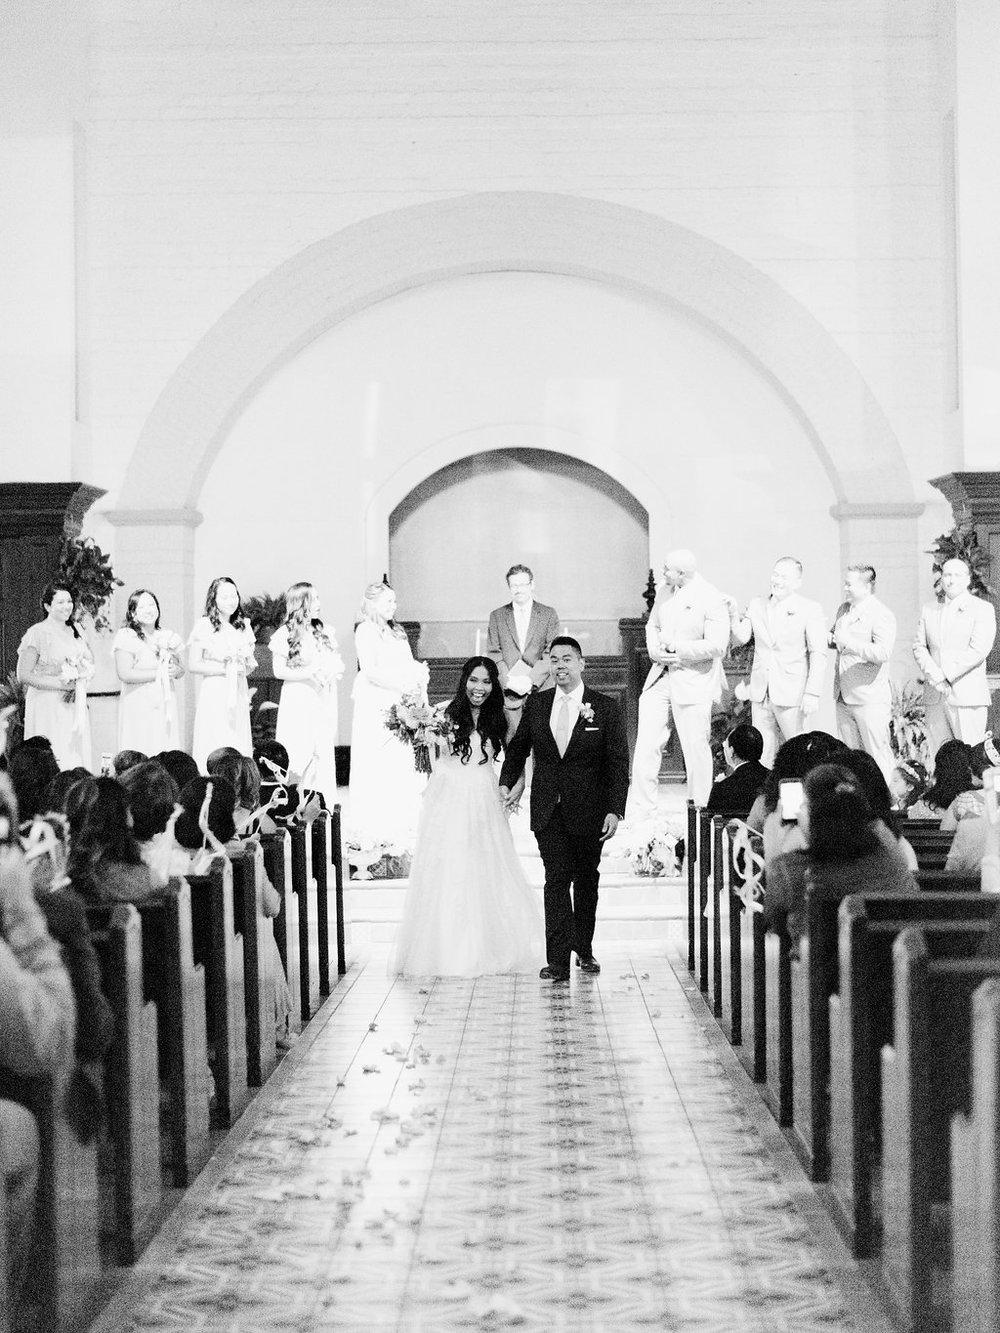 adrienneandbrian-wedding-628.jpg